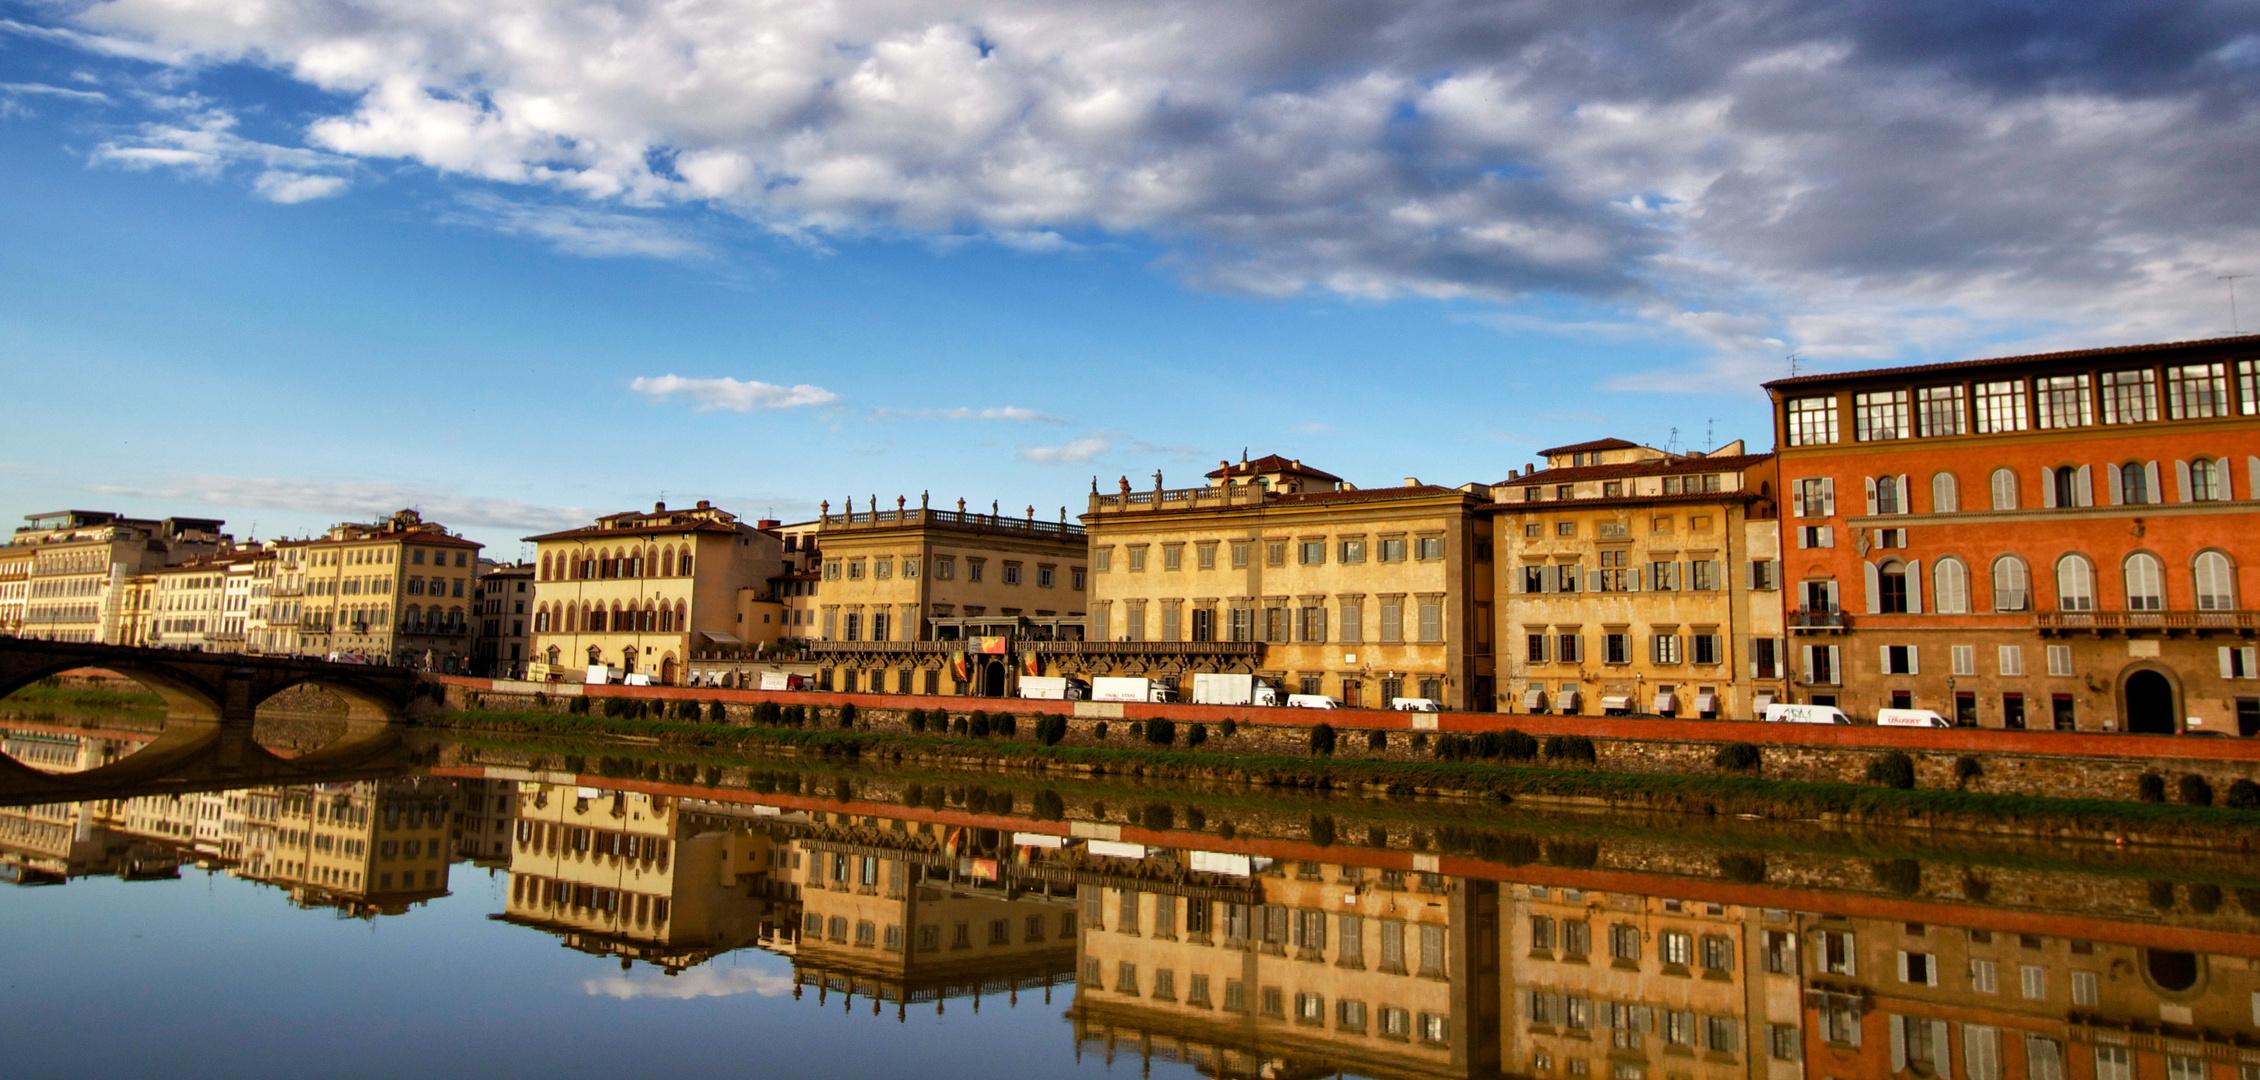 Florentiner Spiegelungen